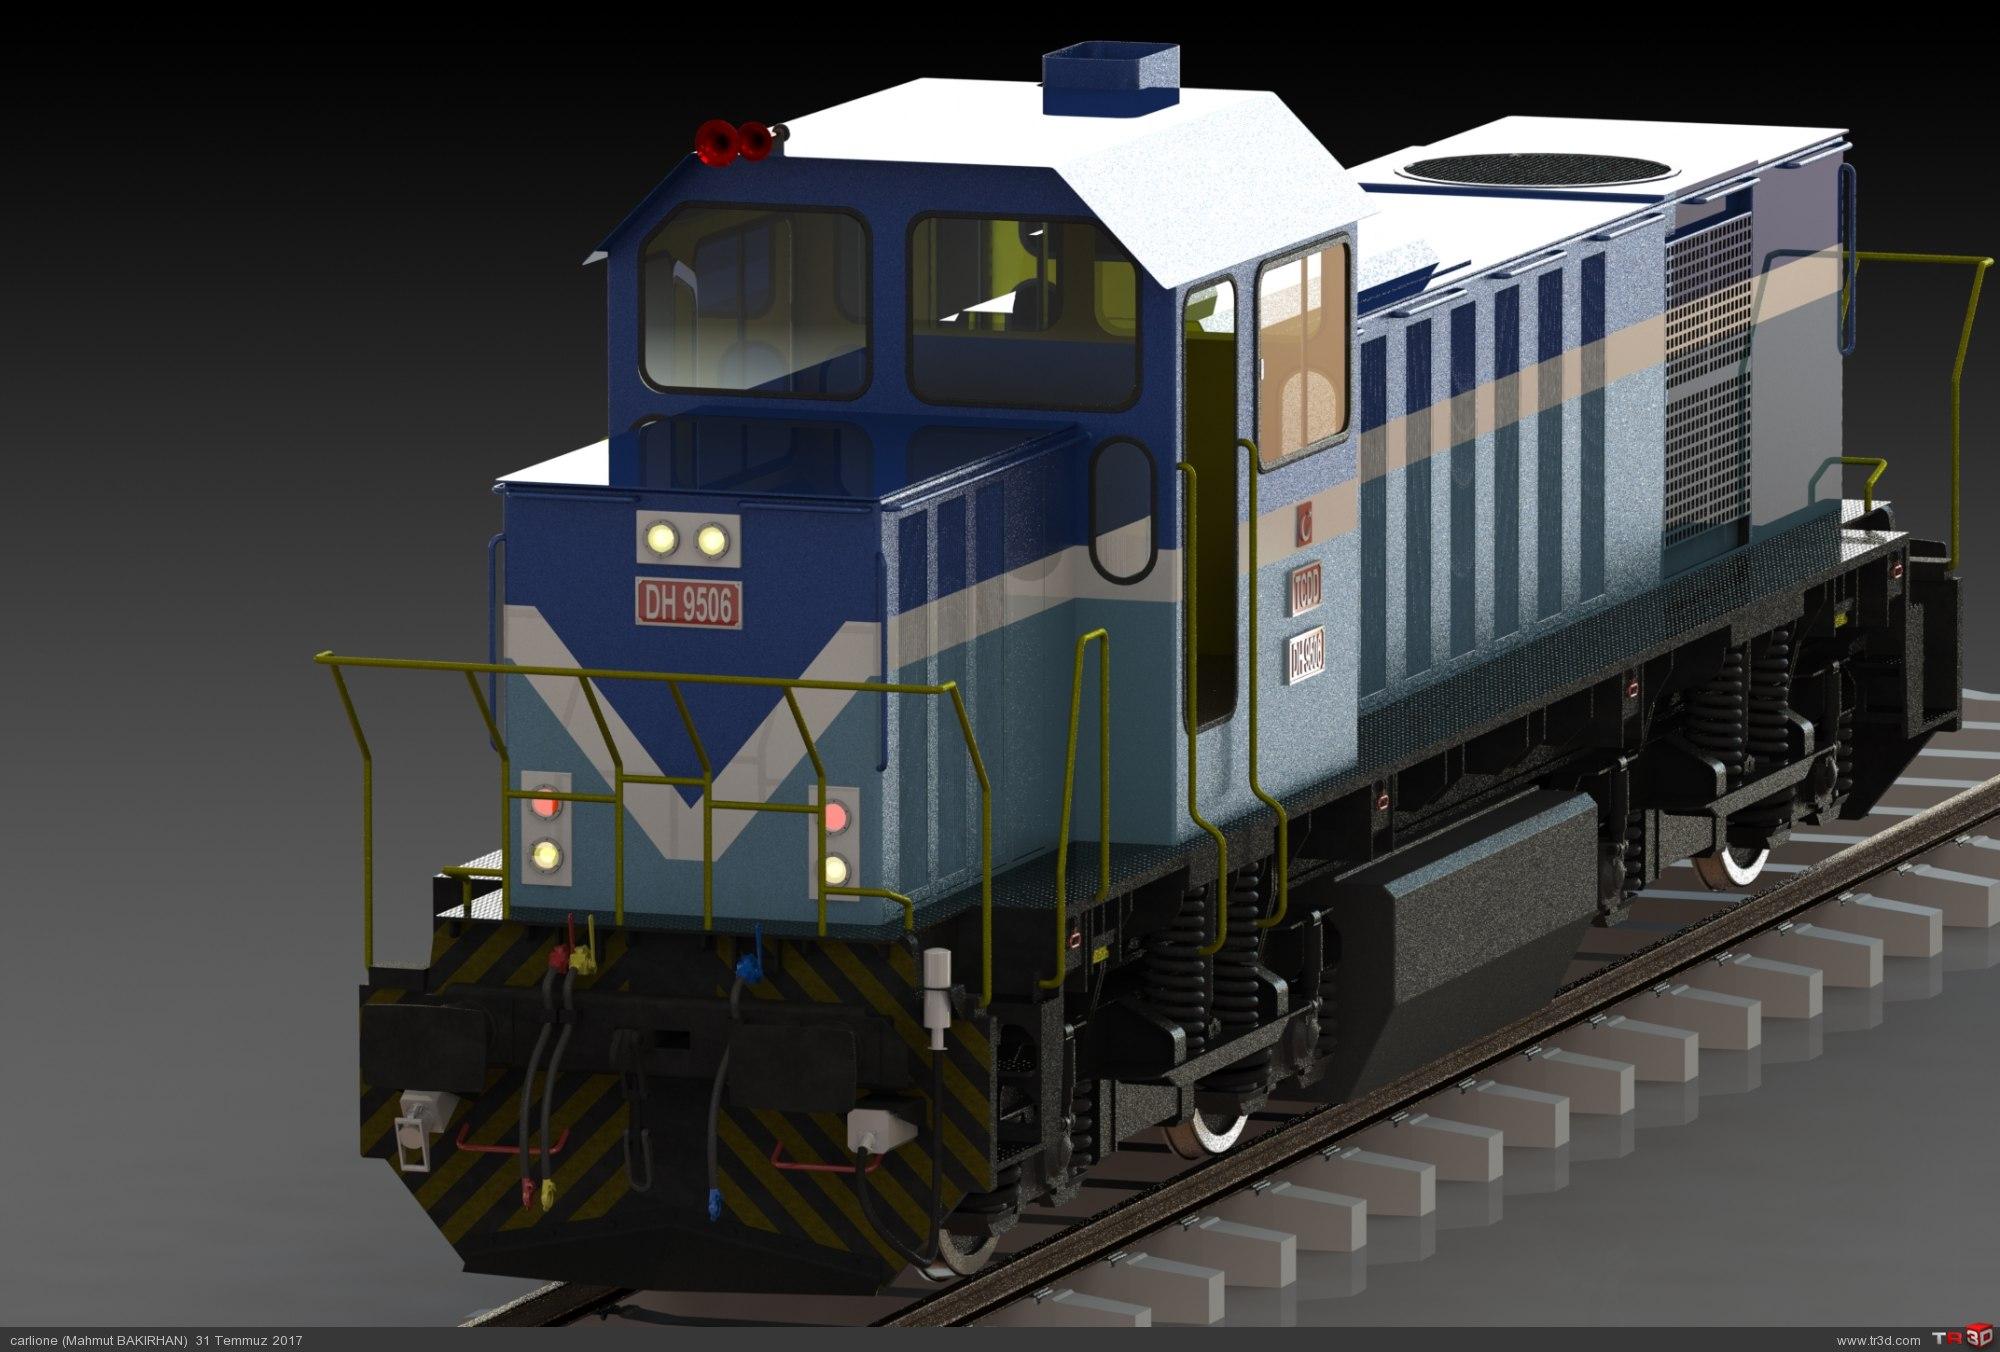 DH 9500 Manevra lokomotifi 1